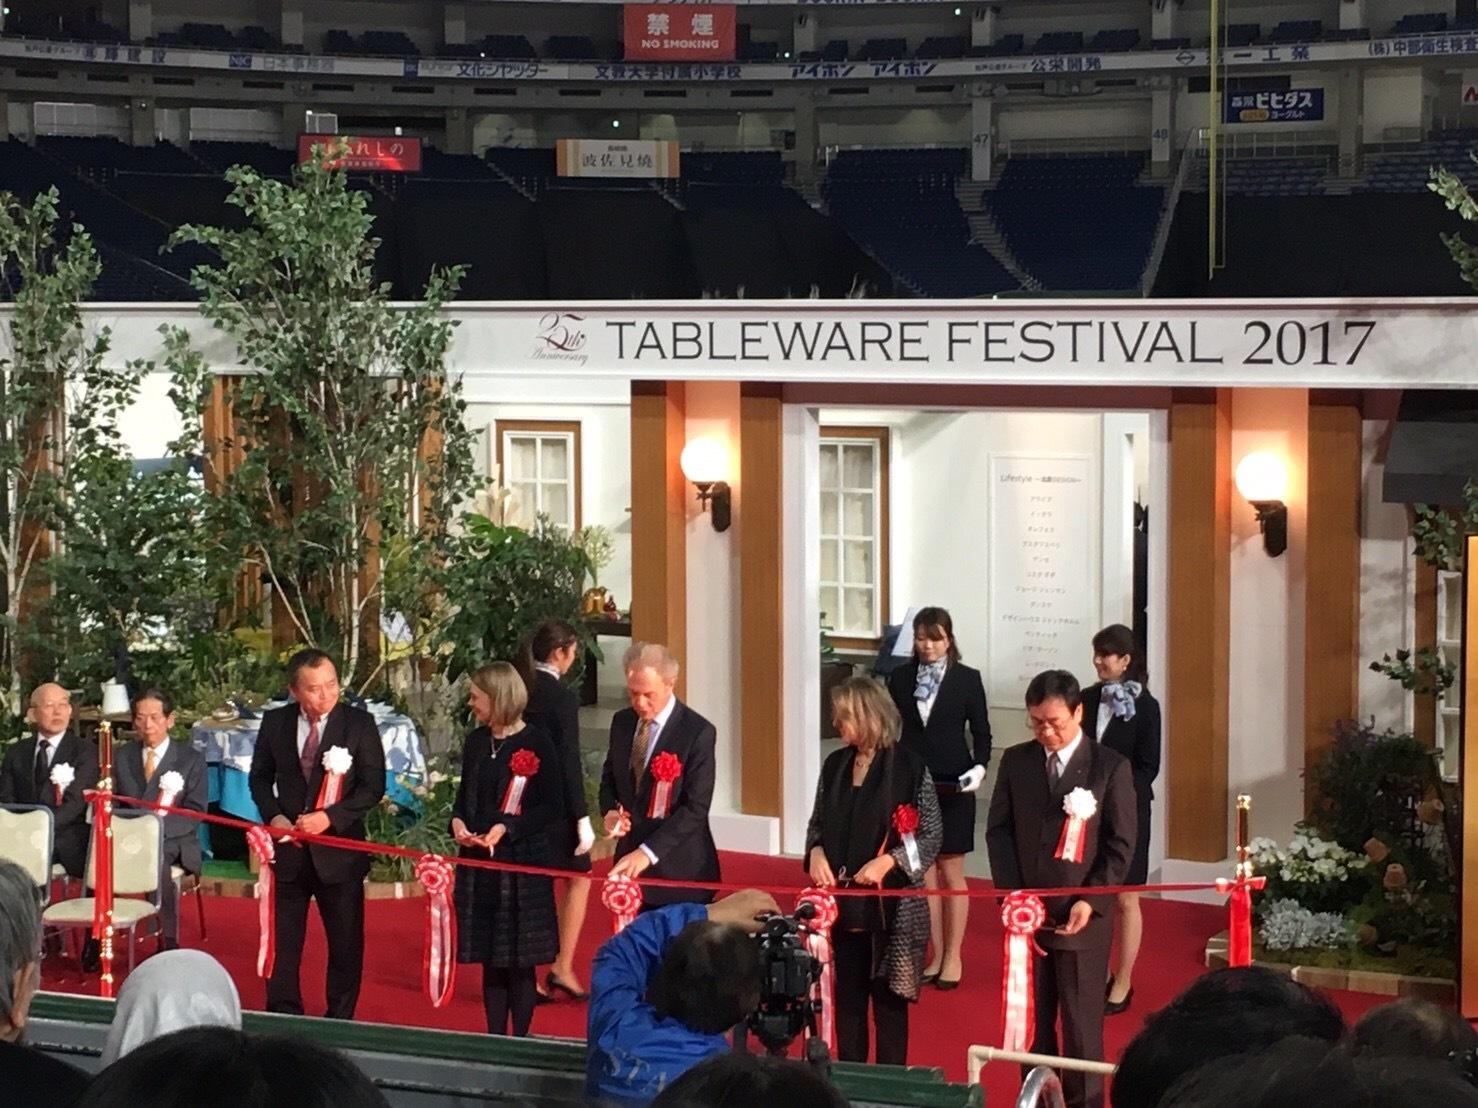 東京ドームテーブルウエアフェスティバル2017_c0366777_16311710.jpg